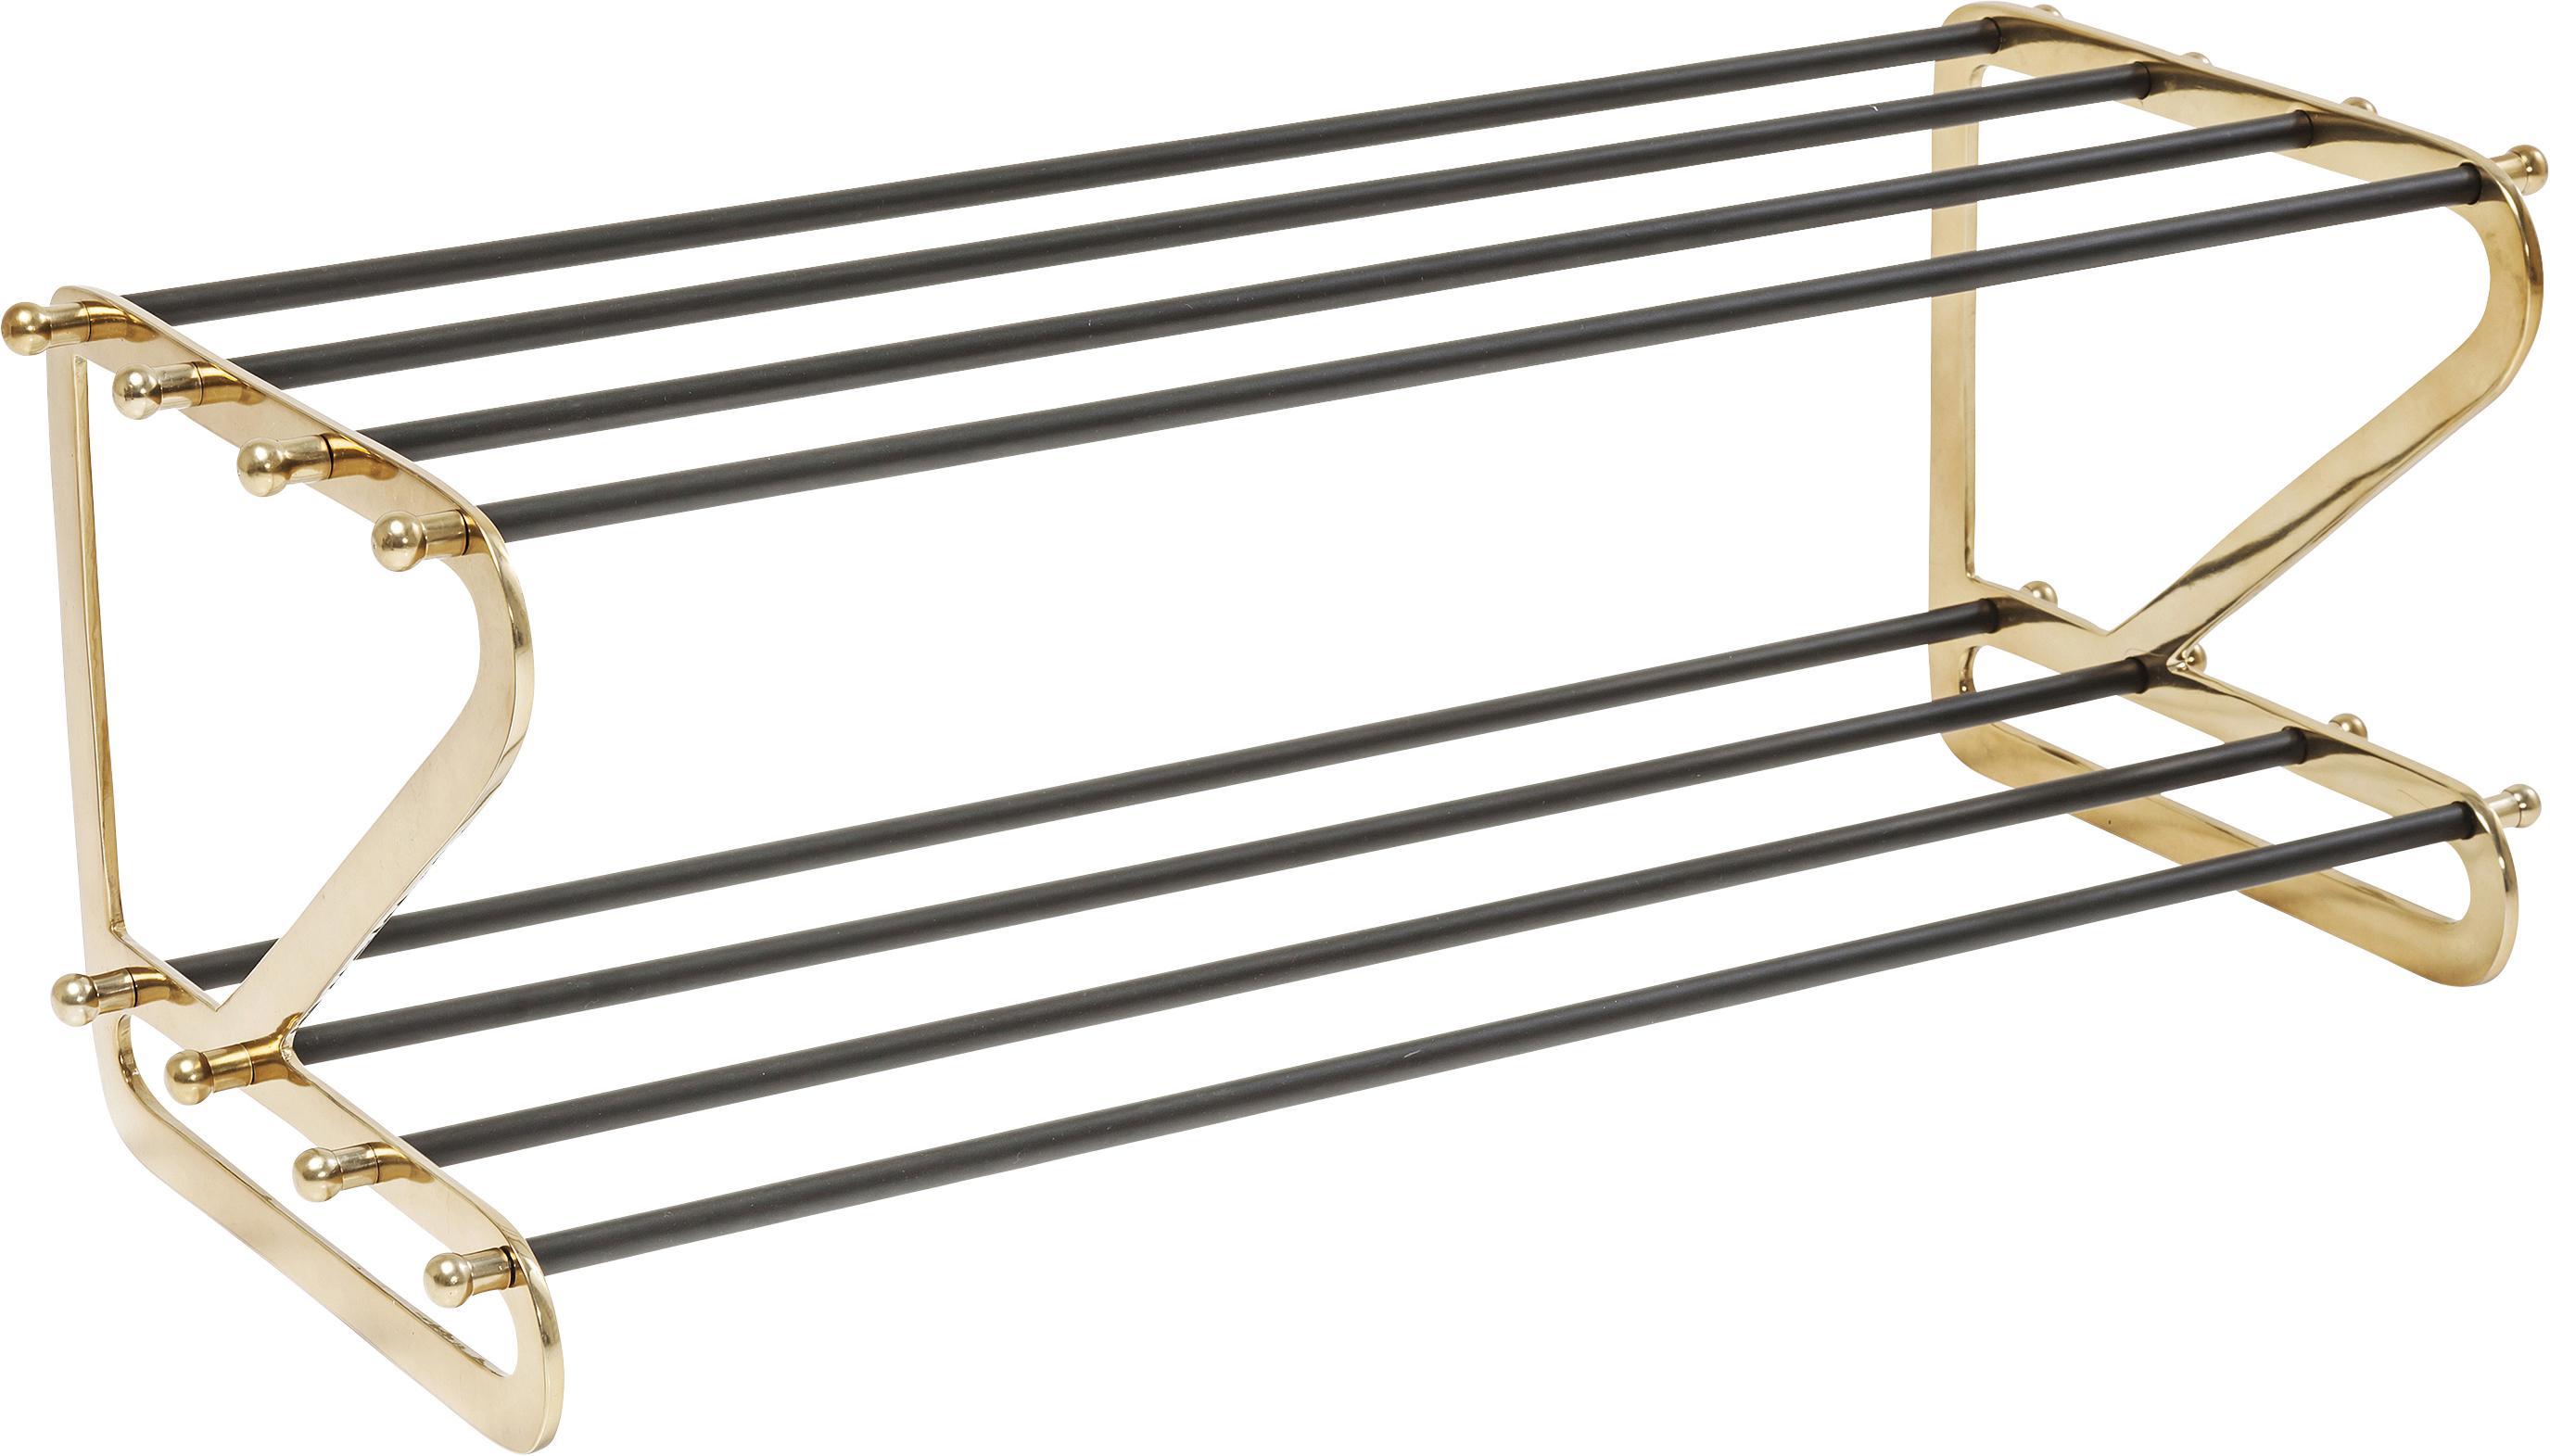 Scarpiera con 2 ripiani Walk, Struttura: alluminio verniciato a po, Ripiani: metallo verniciato, Dorato, nero, Larg. 84 x Alt. 34 cm